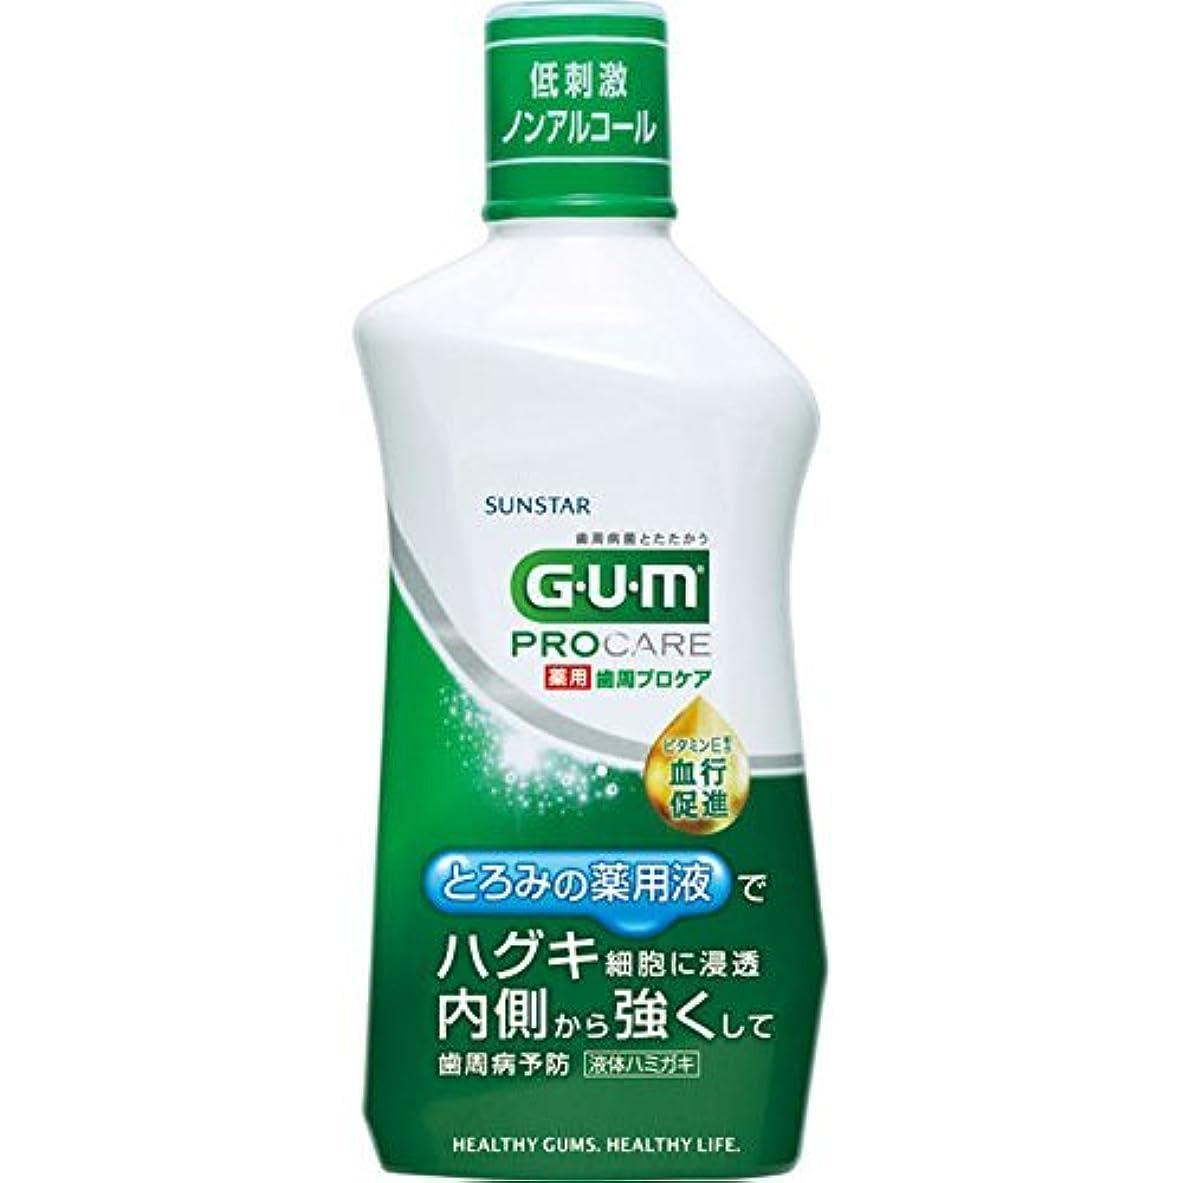 確立します忘れられない唯物論[医薬部外品] GUM(ガム) 歯周プロケア デンタルリンス 420ml 液体歯みがき <歯周病予防?ハグキケア>